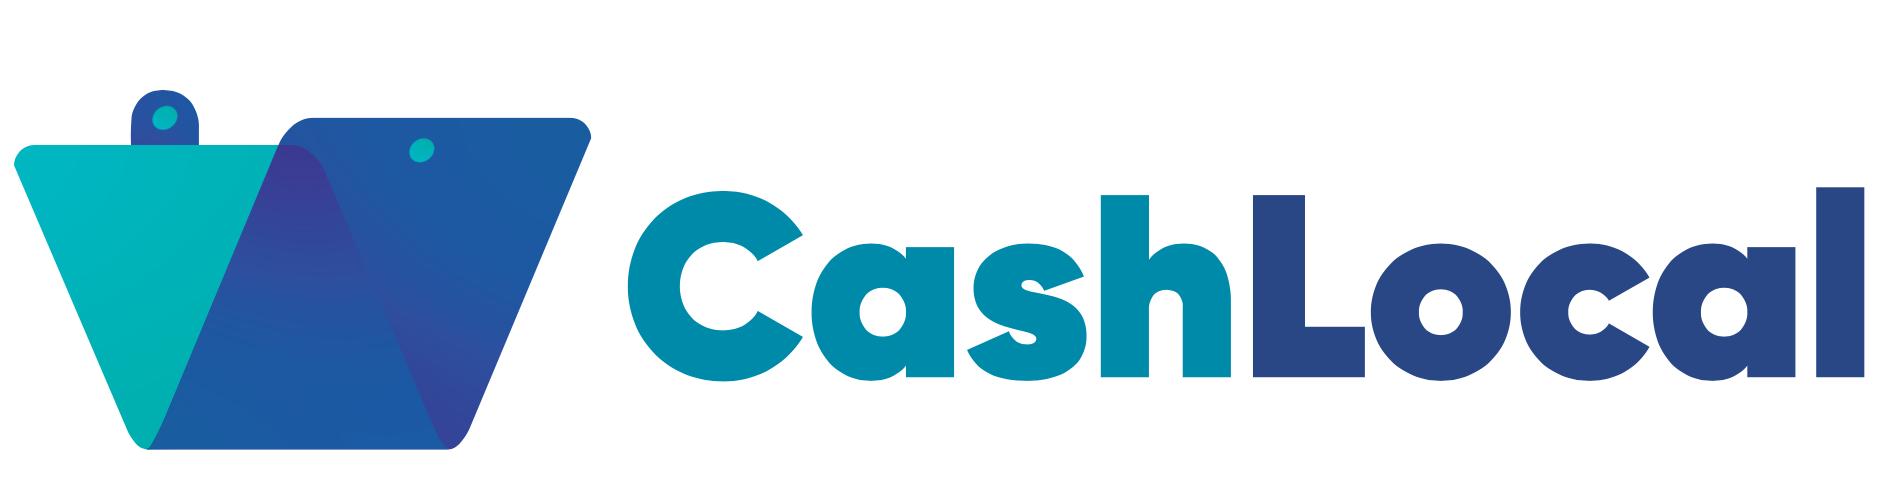 Cashback para comércio local | Um blog pioneiro no assunto - Cashlocal